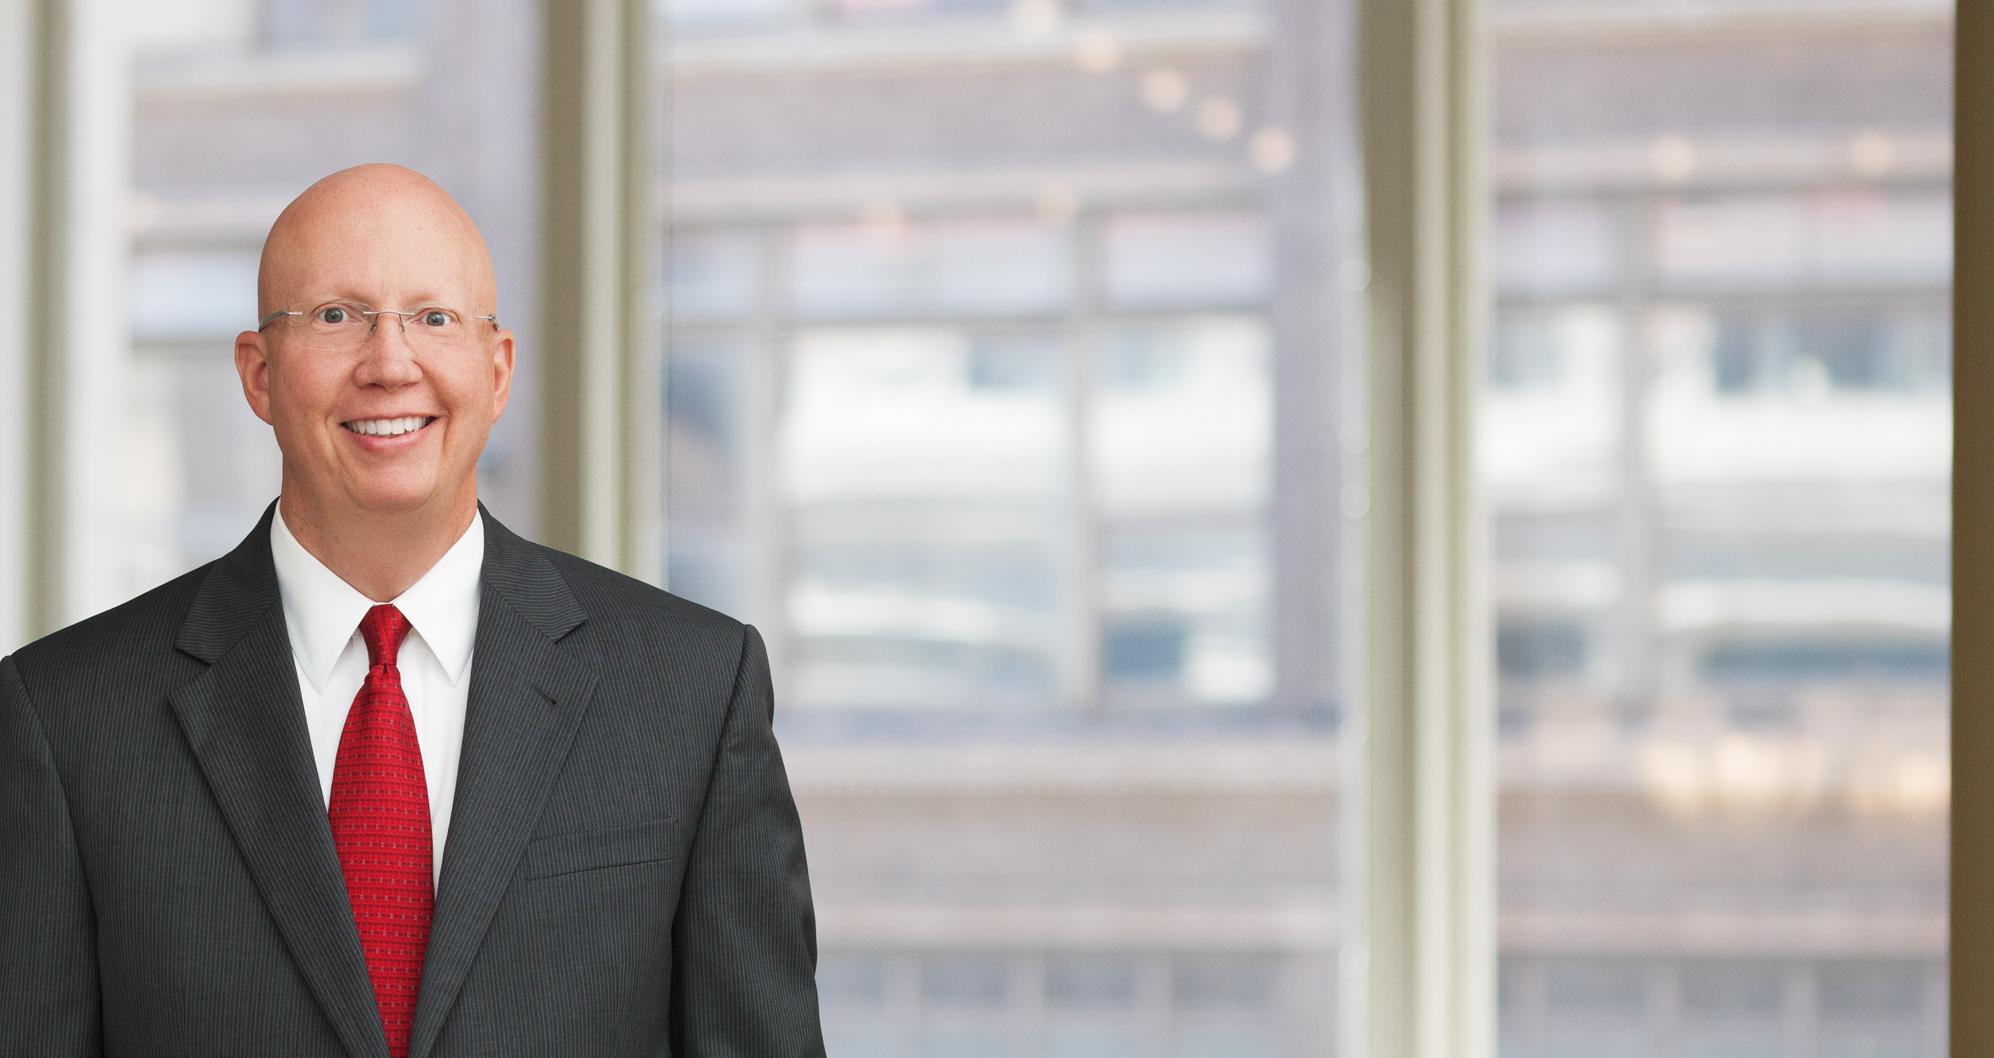 Douglas Everette, Indianapolis Attorney | Barnes & Thornburg